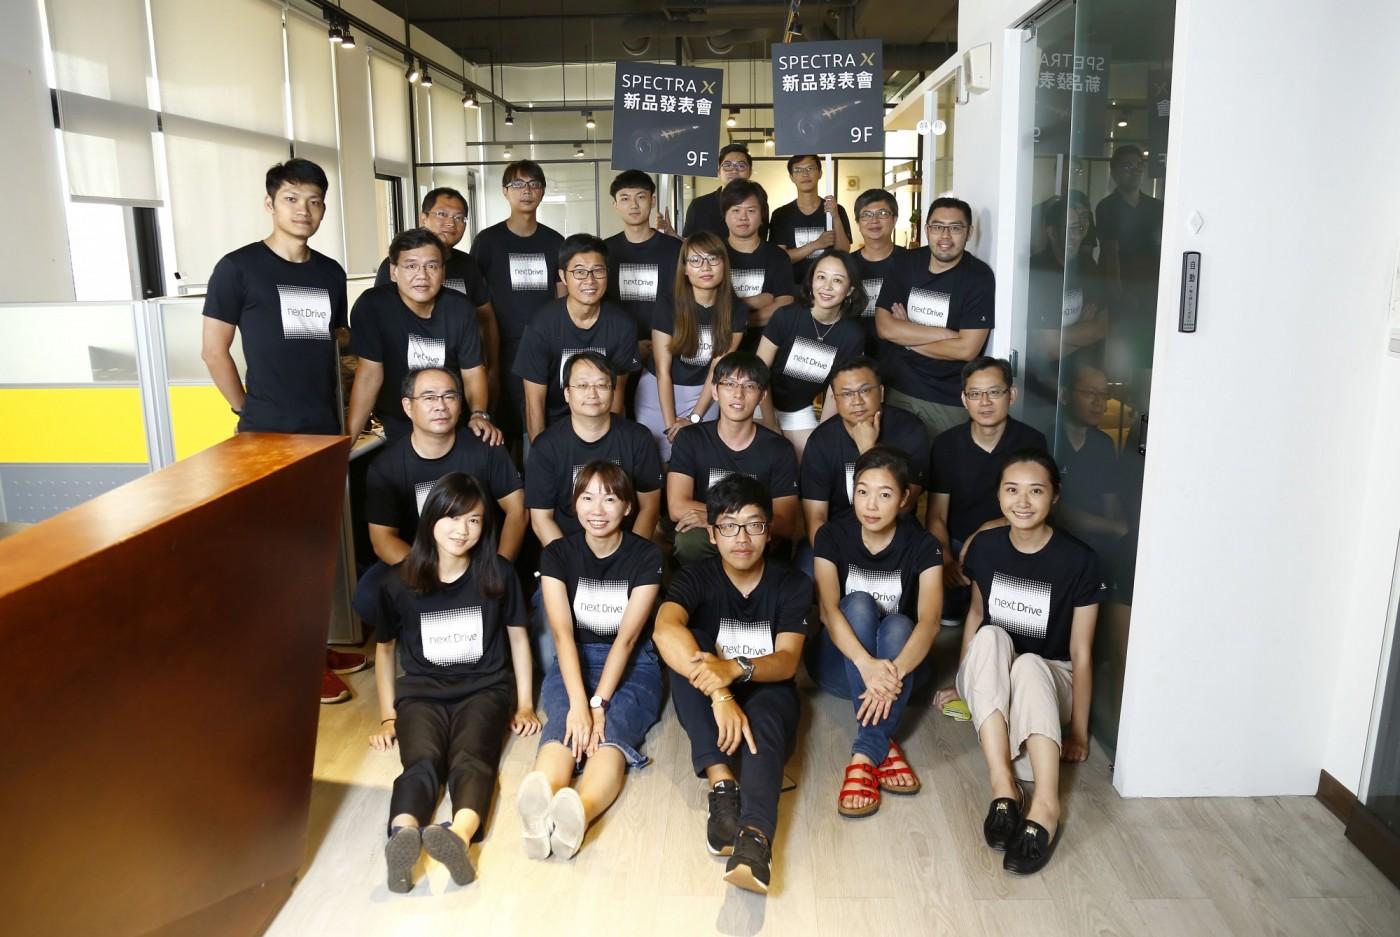 一場展會串起他們的日本夢!聯齊科技創辦人給新創的3點參展攻略